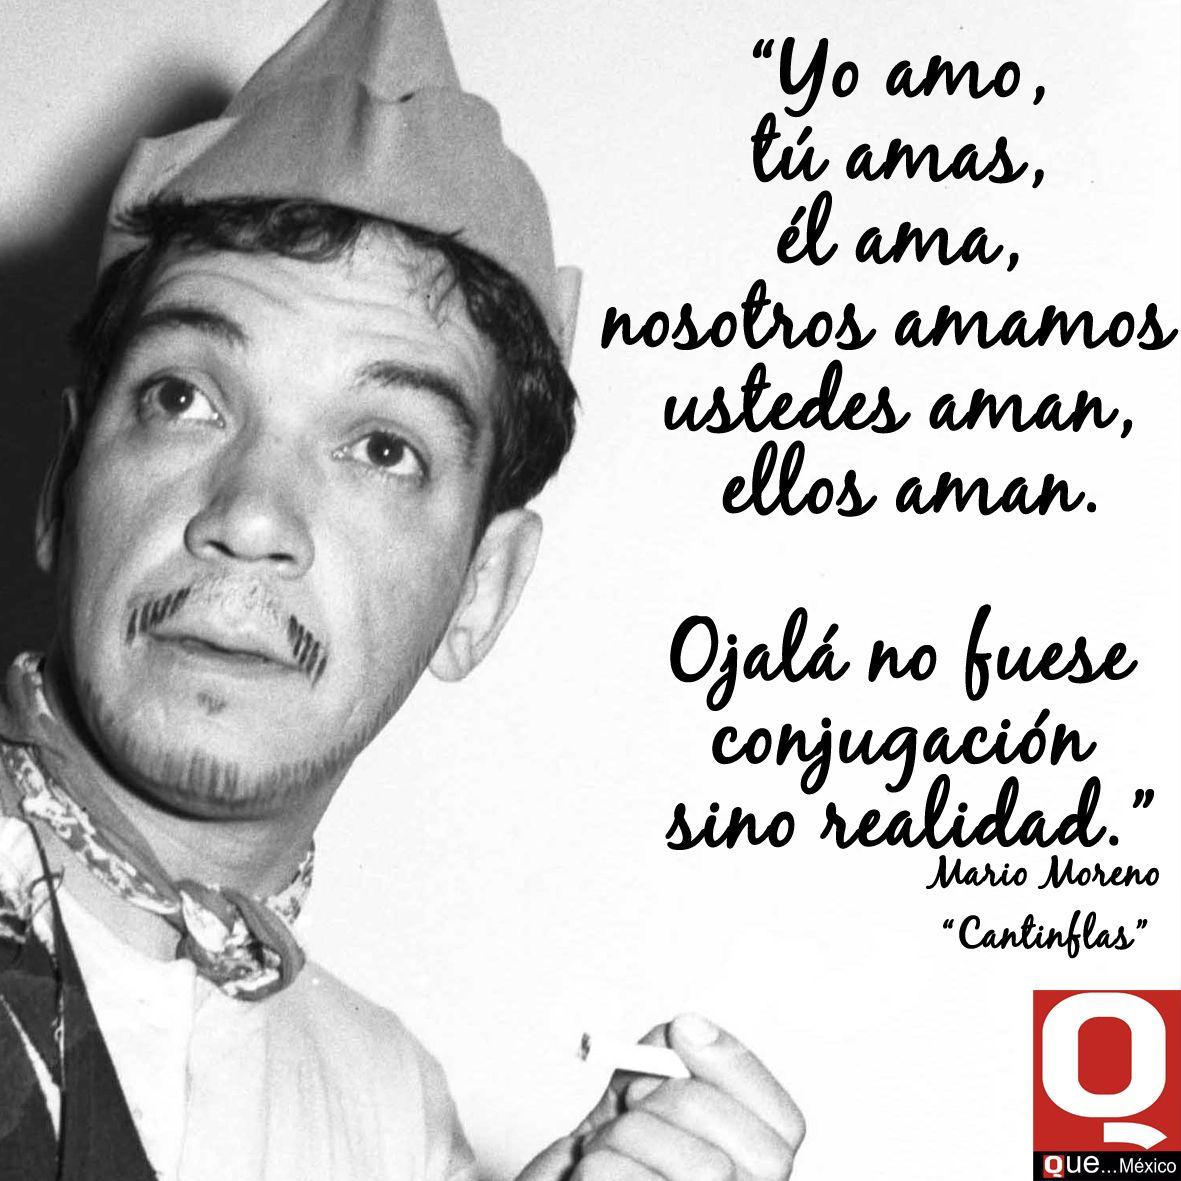 Famous Spanish Quotes El Día De Hoy Se Celebra El 103 Aniversario De Mario Moreno